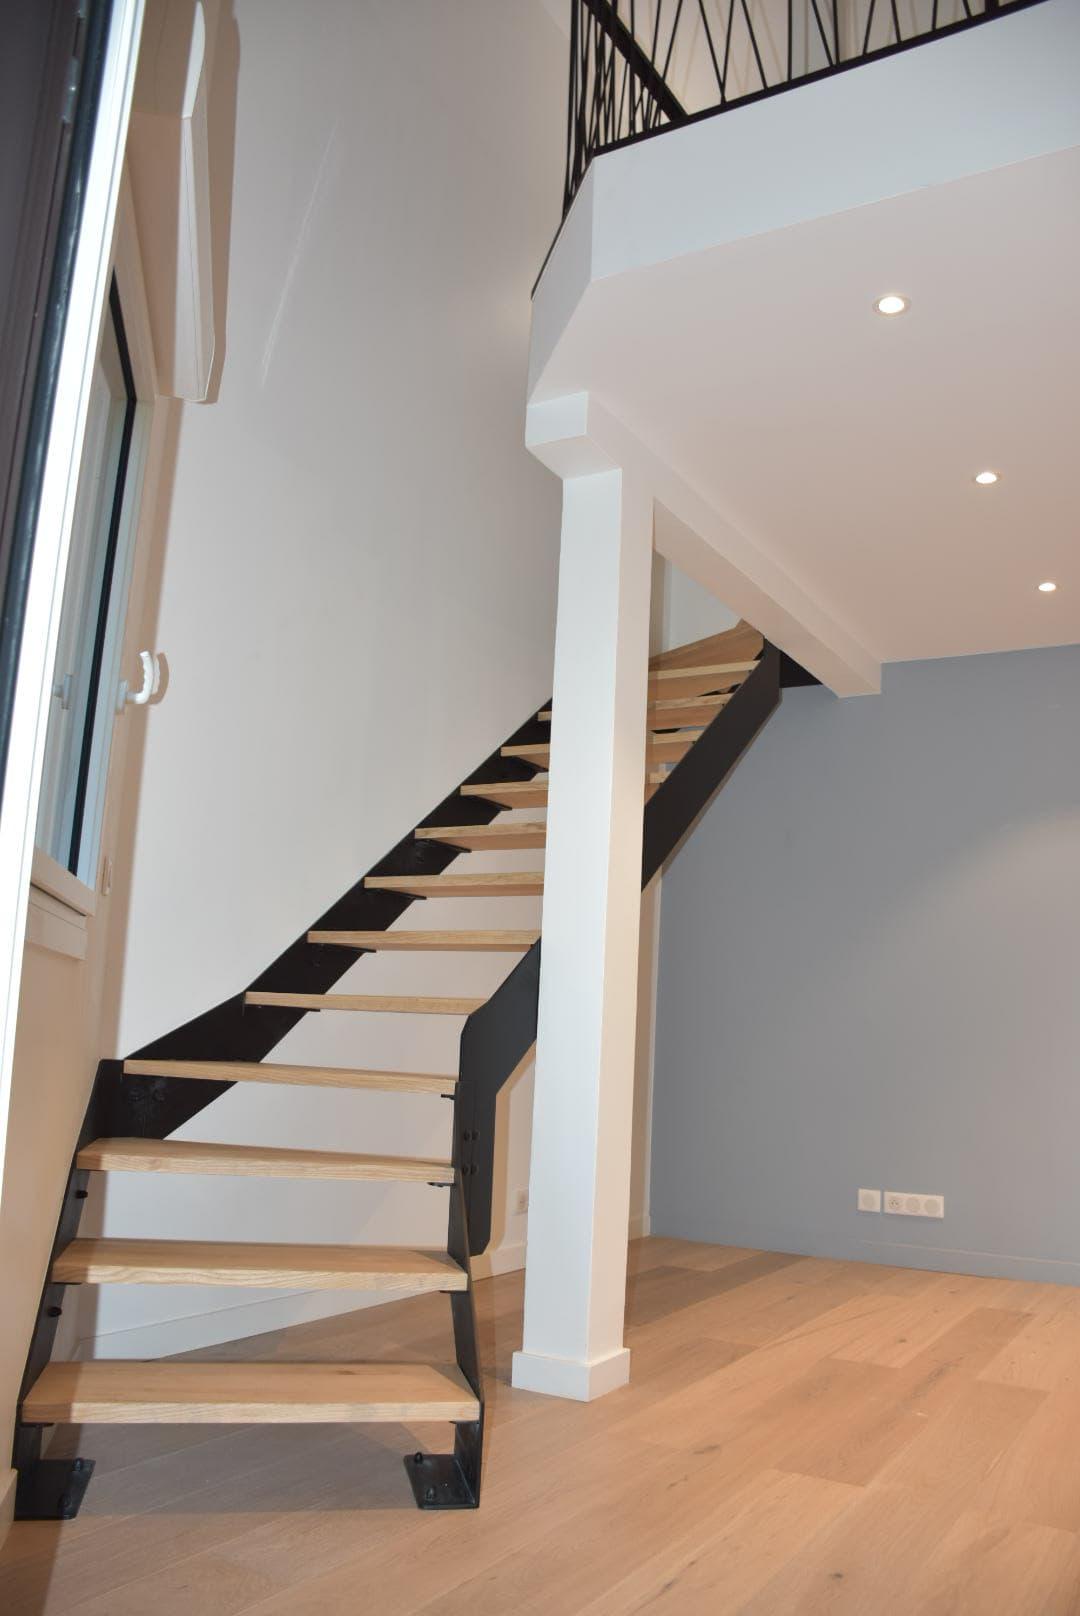 Escalier acier bois double quart tournant ROBI Annecy (74)5